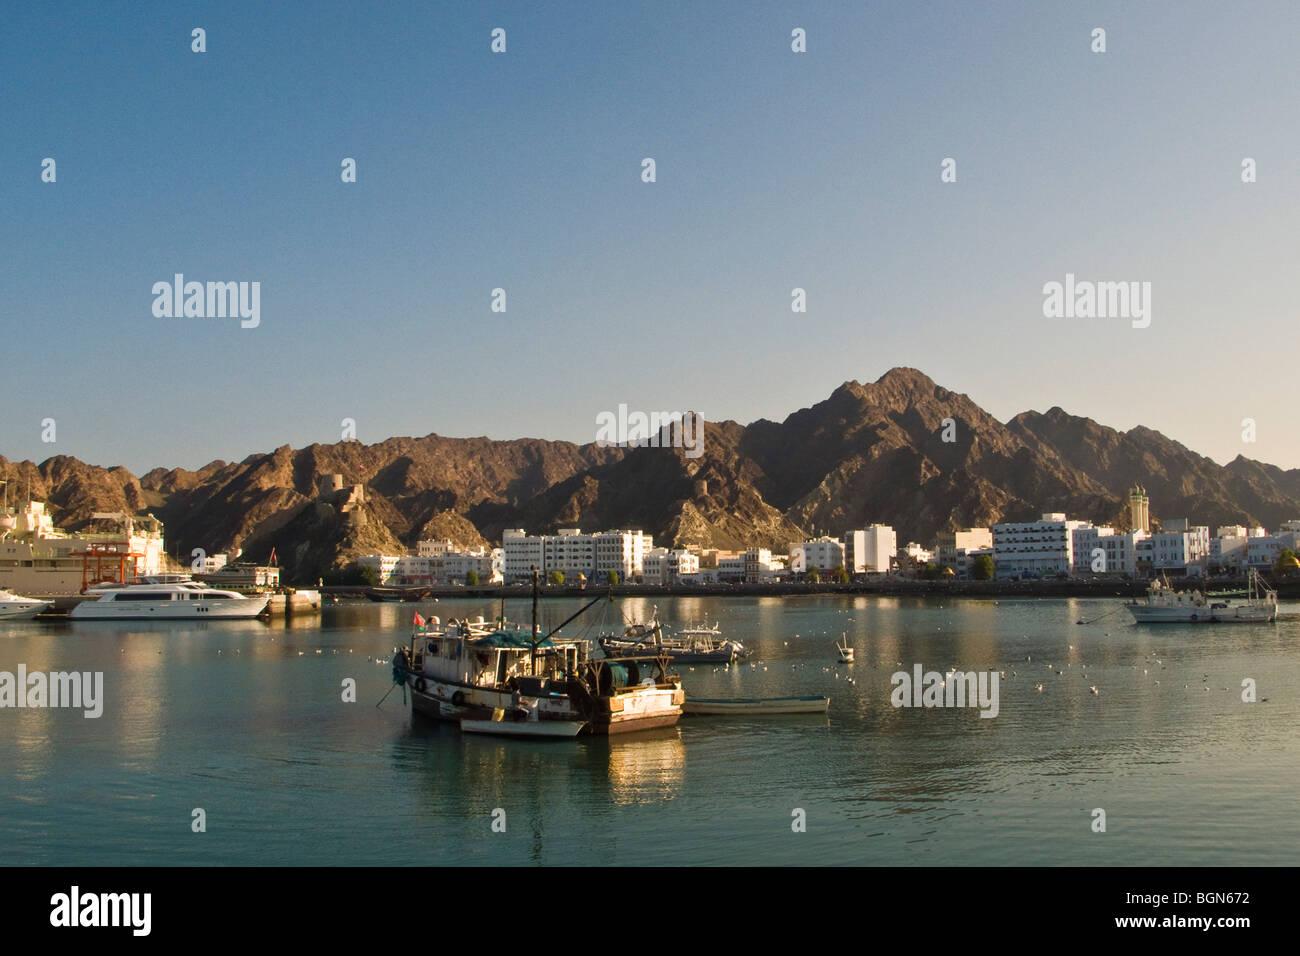 Corniche, Muscat, Sultanate of Oman - Stock Image